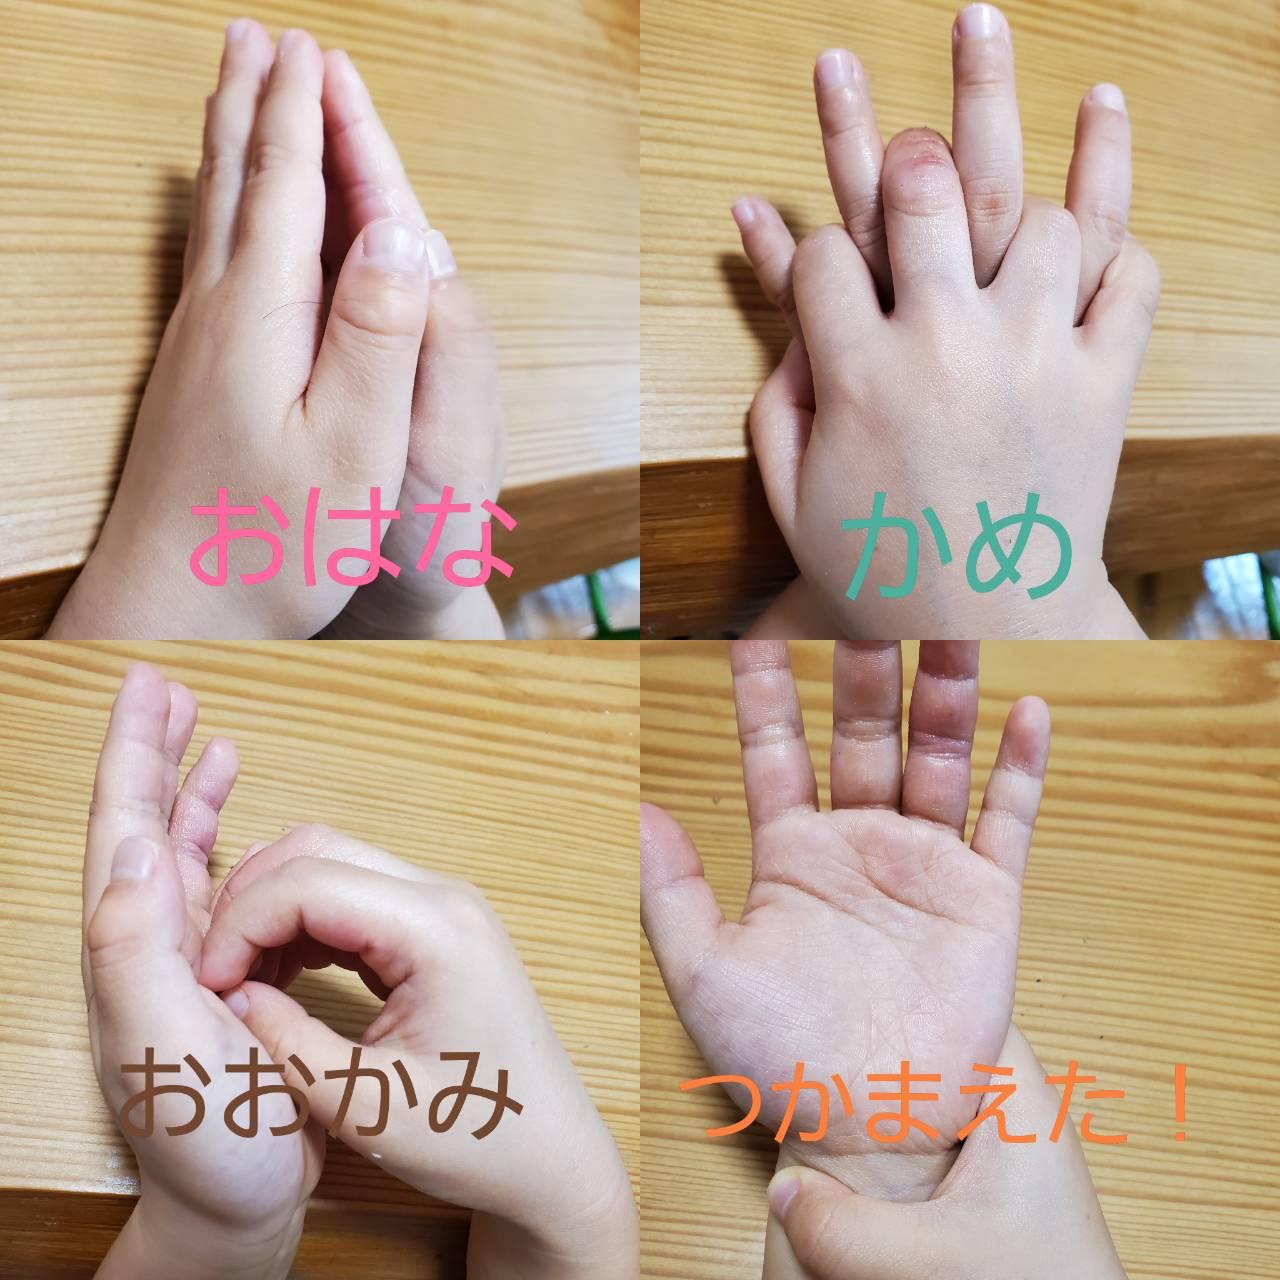 moblog_d7ce4672.jpg